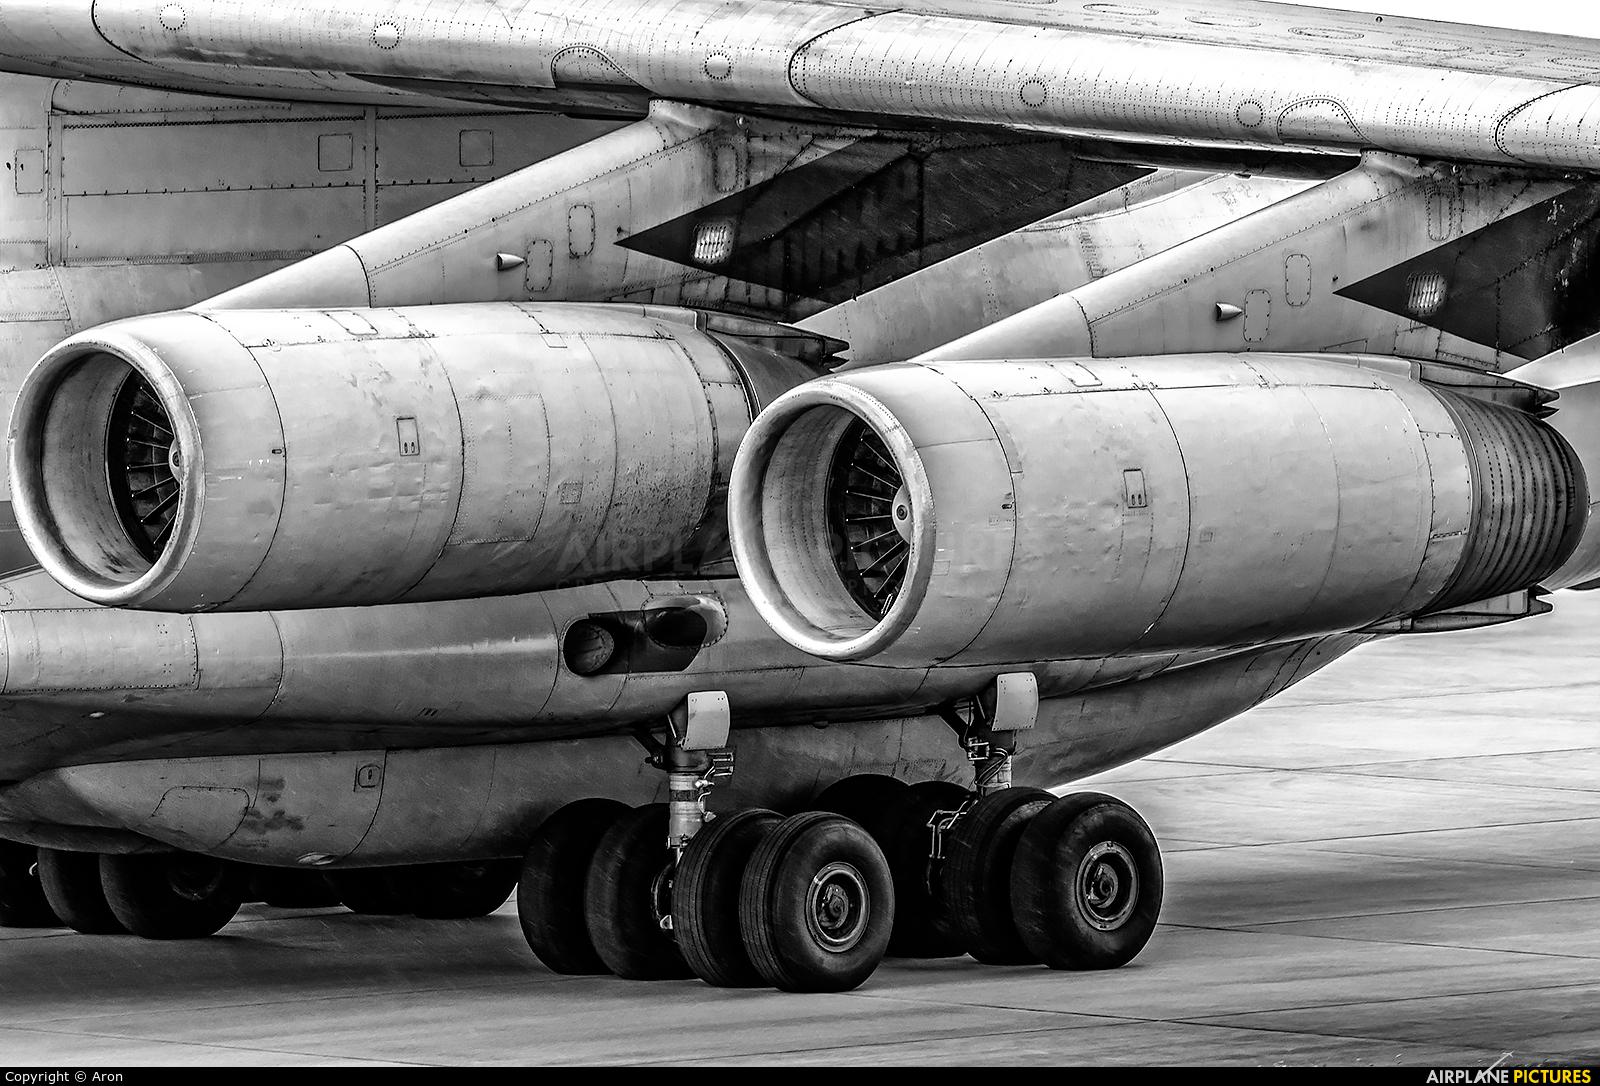 Ruby Star Air Enterprise EW-383TH aircraft at Eindhoven